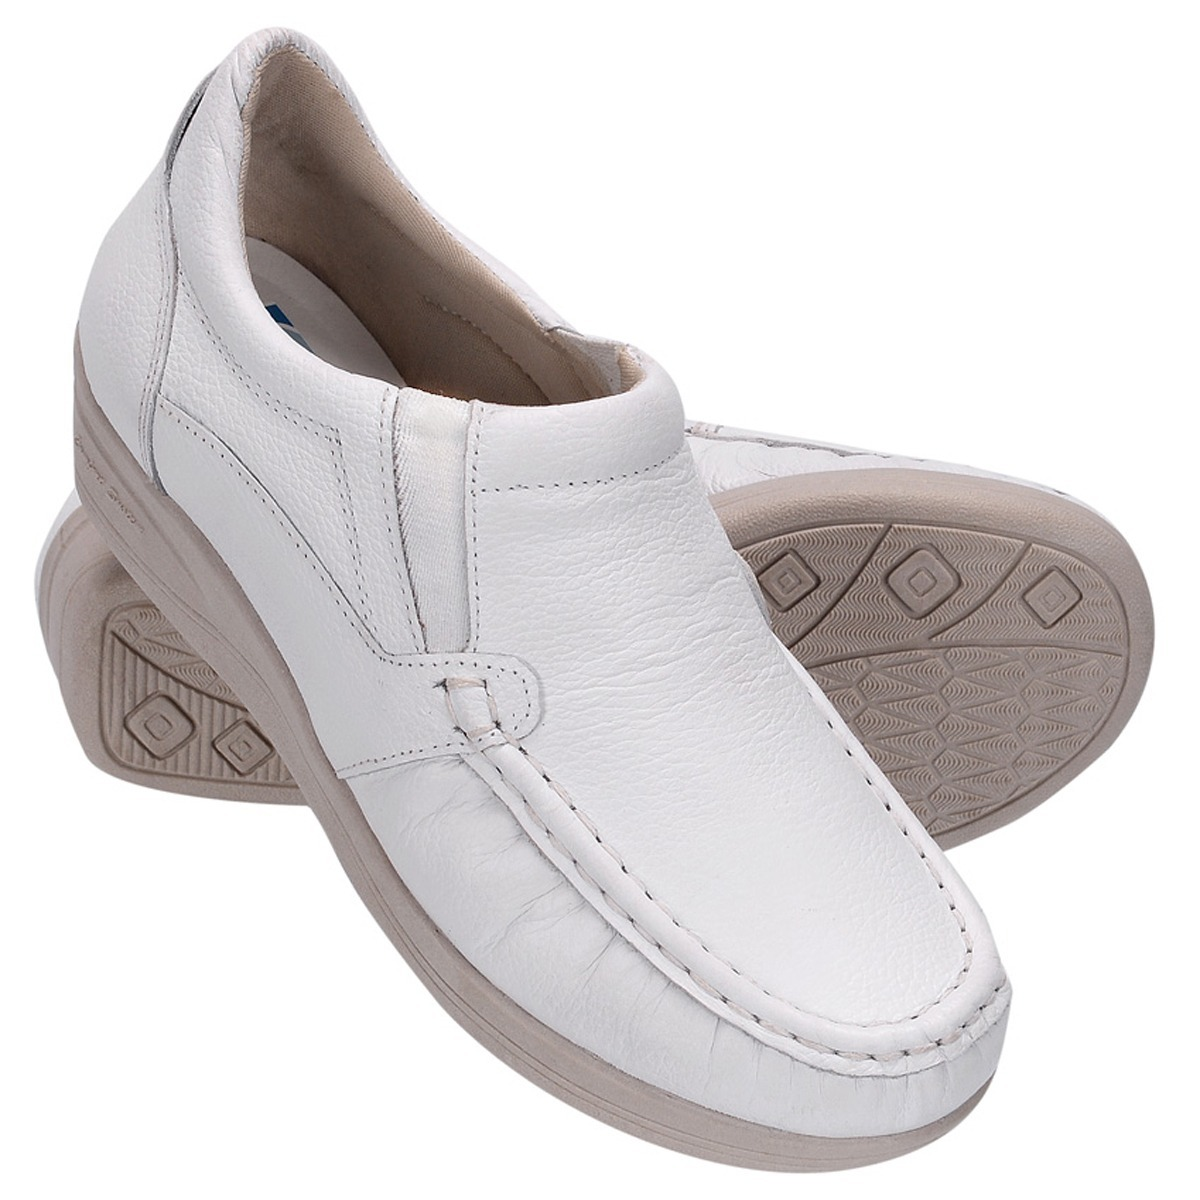 1aee06cb89 sapato feminino couro anabela extra conforto saúde branco. Carregando zoom.